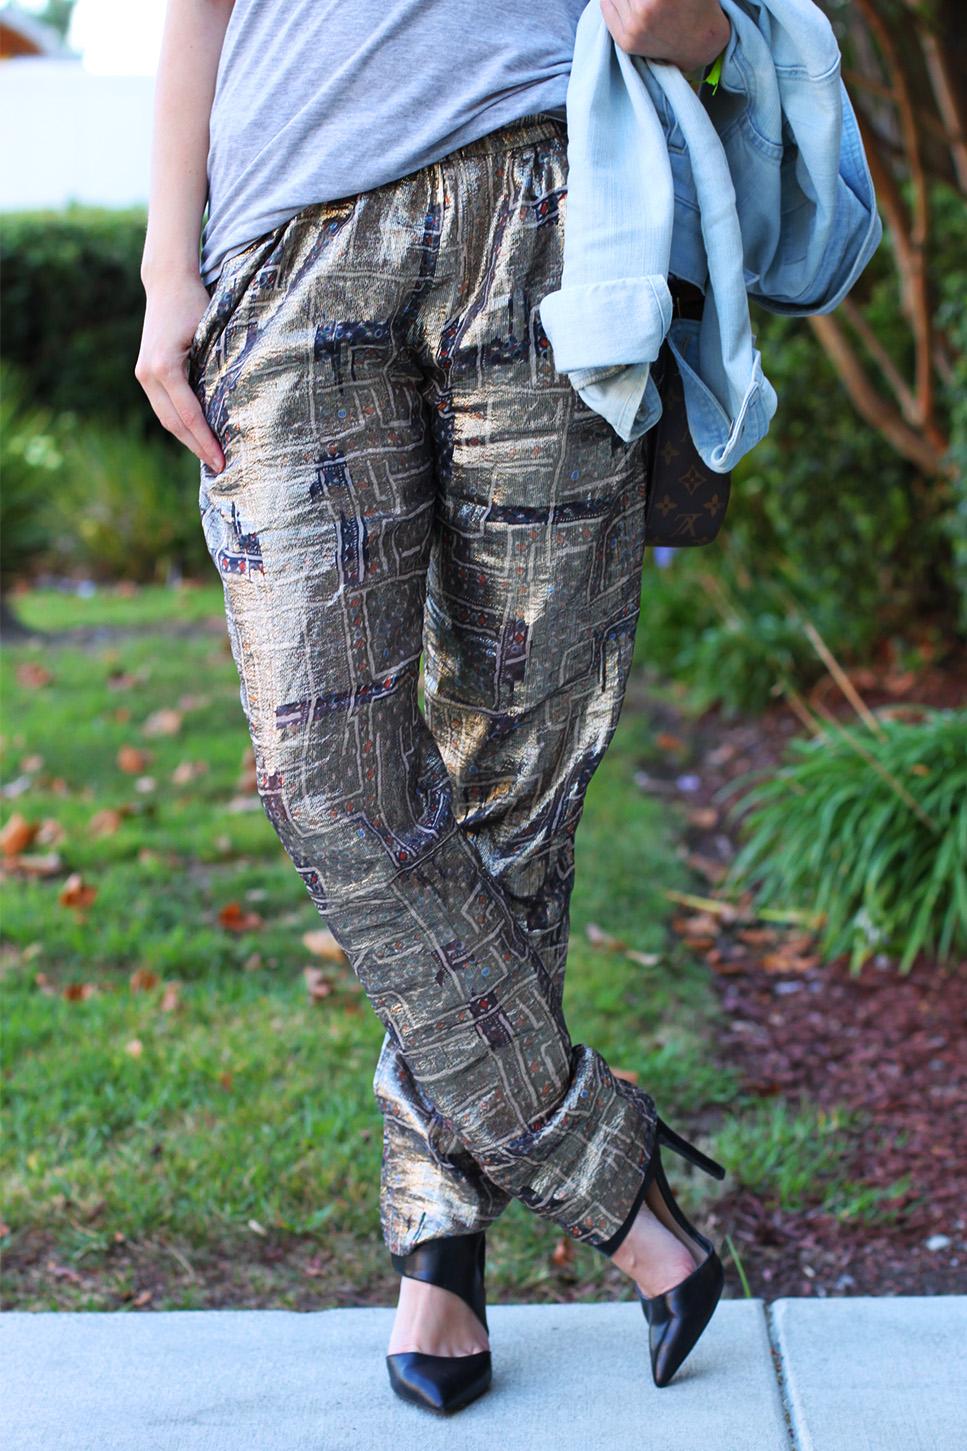 Isabel Marant pour HM gold lamé (gold lame) pants on undeniablestyle.com